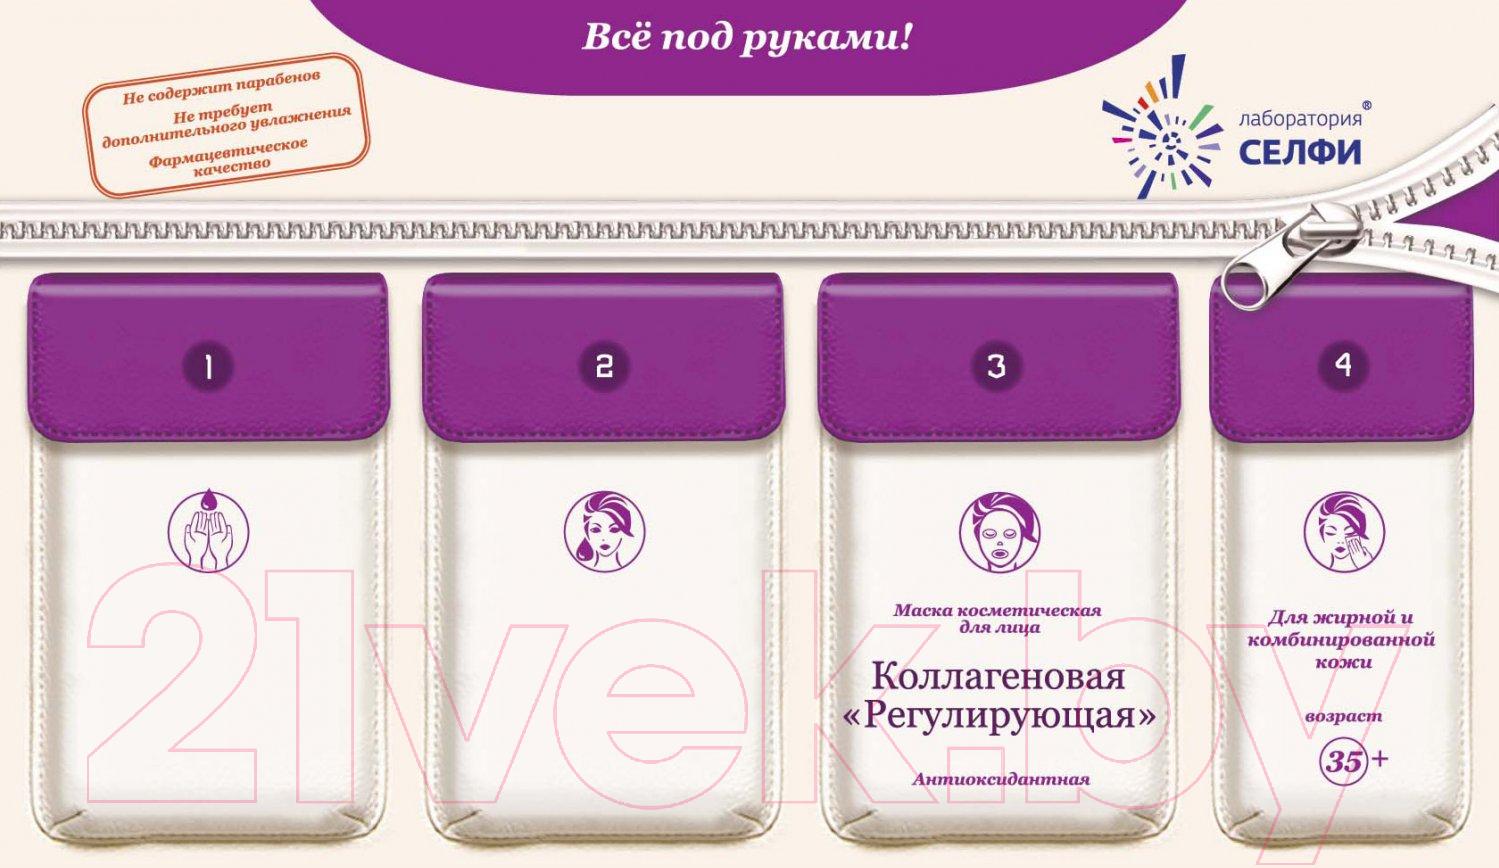 Купить Набор косметики для лица SelfieLab, Коллагеновый регулирующий для жирной и комбинированной кожи 35+, Беларусь